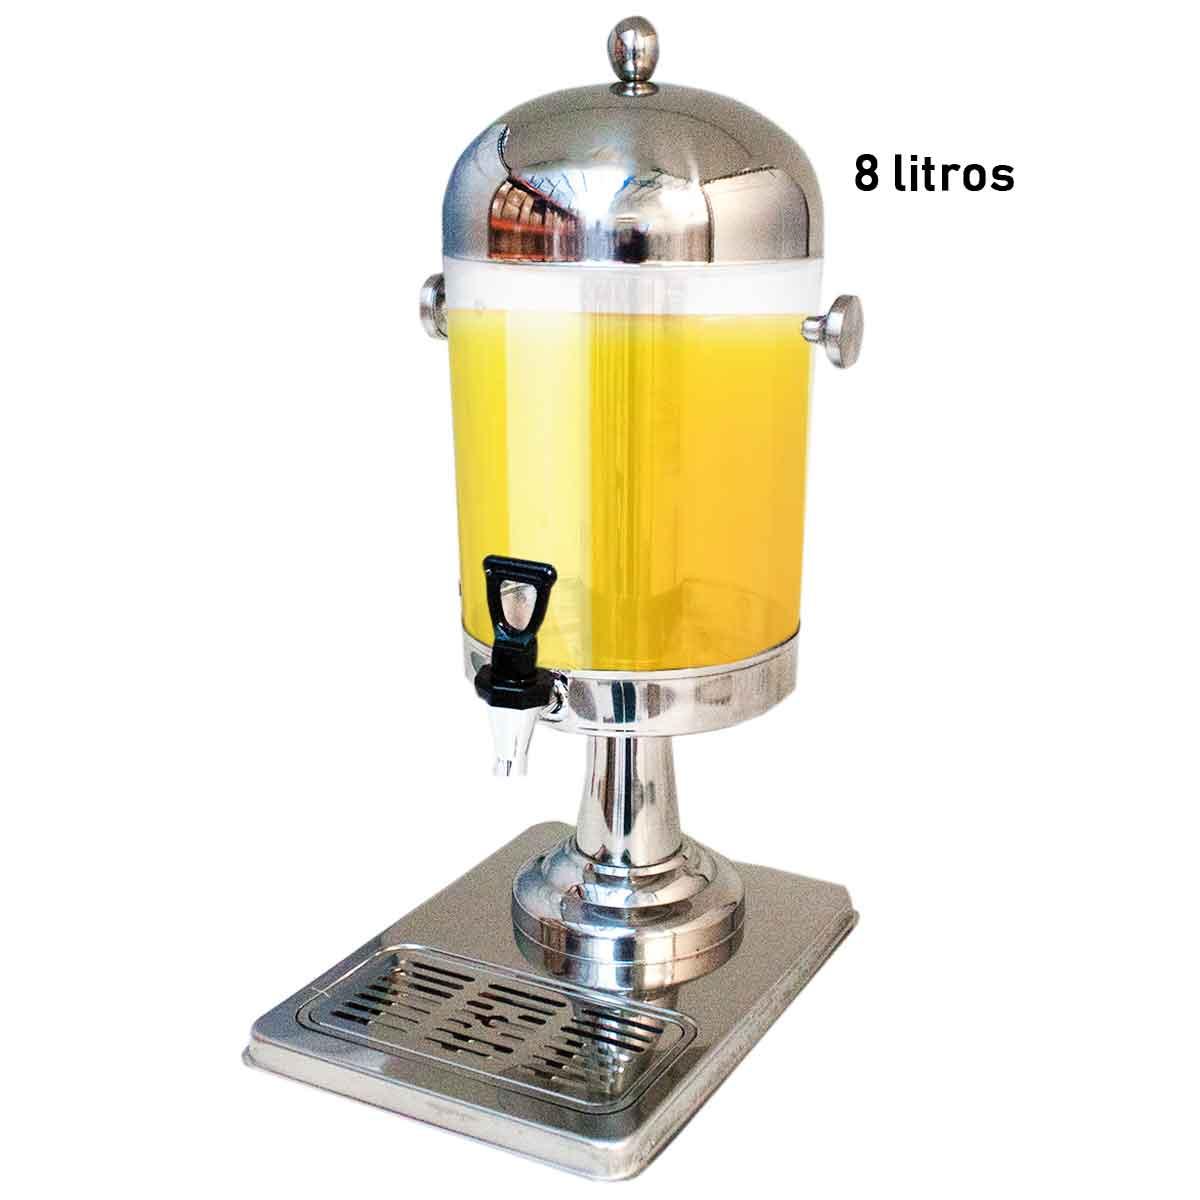 Suqueira Resfresqueira Inox Dispenser 8 Litros Bebidas